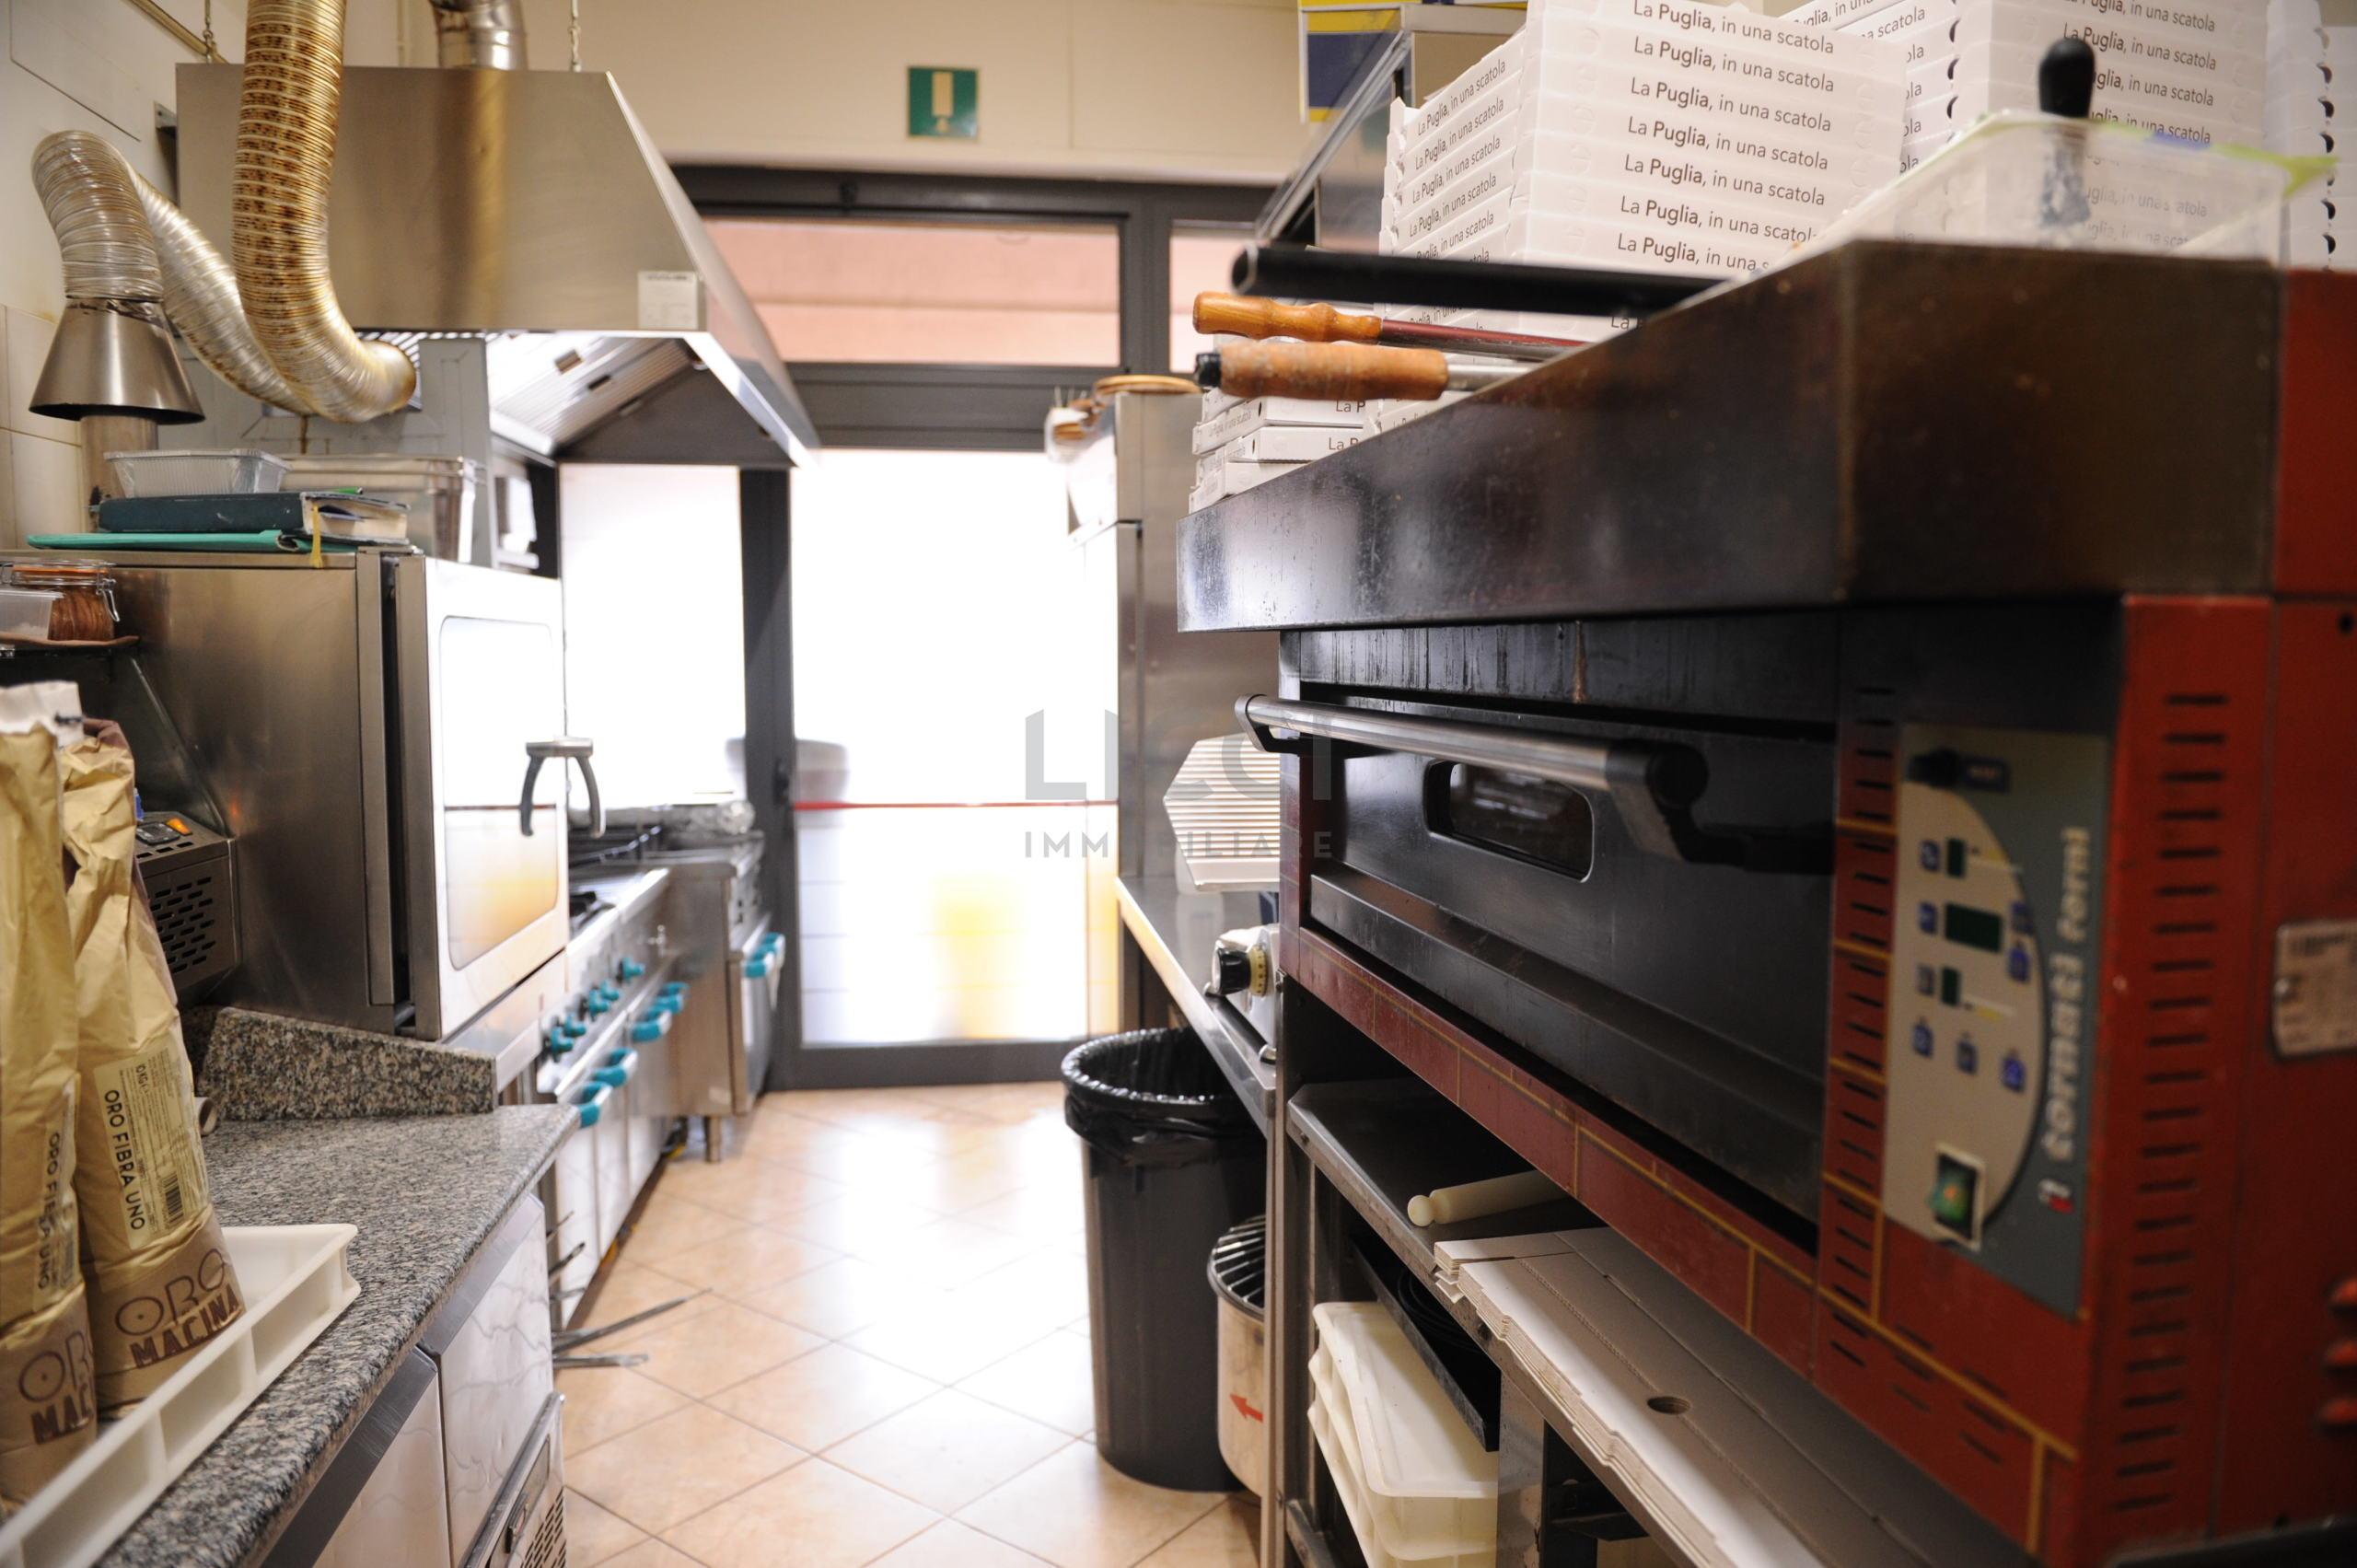 Ristorante Pizzeria a Monopoli, Semicentrale